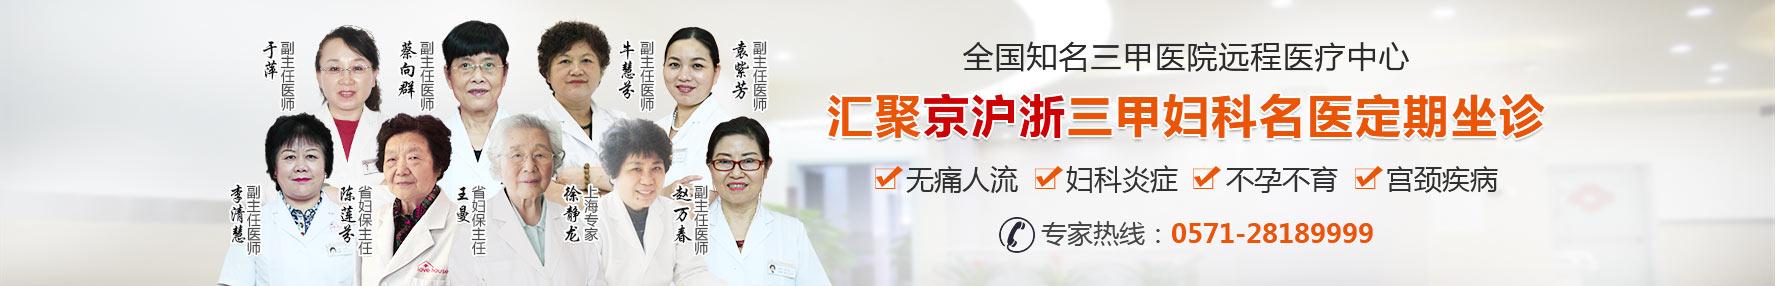 杭州红房子医院